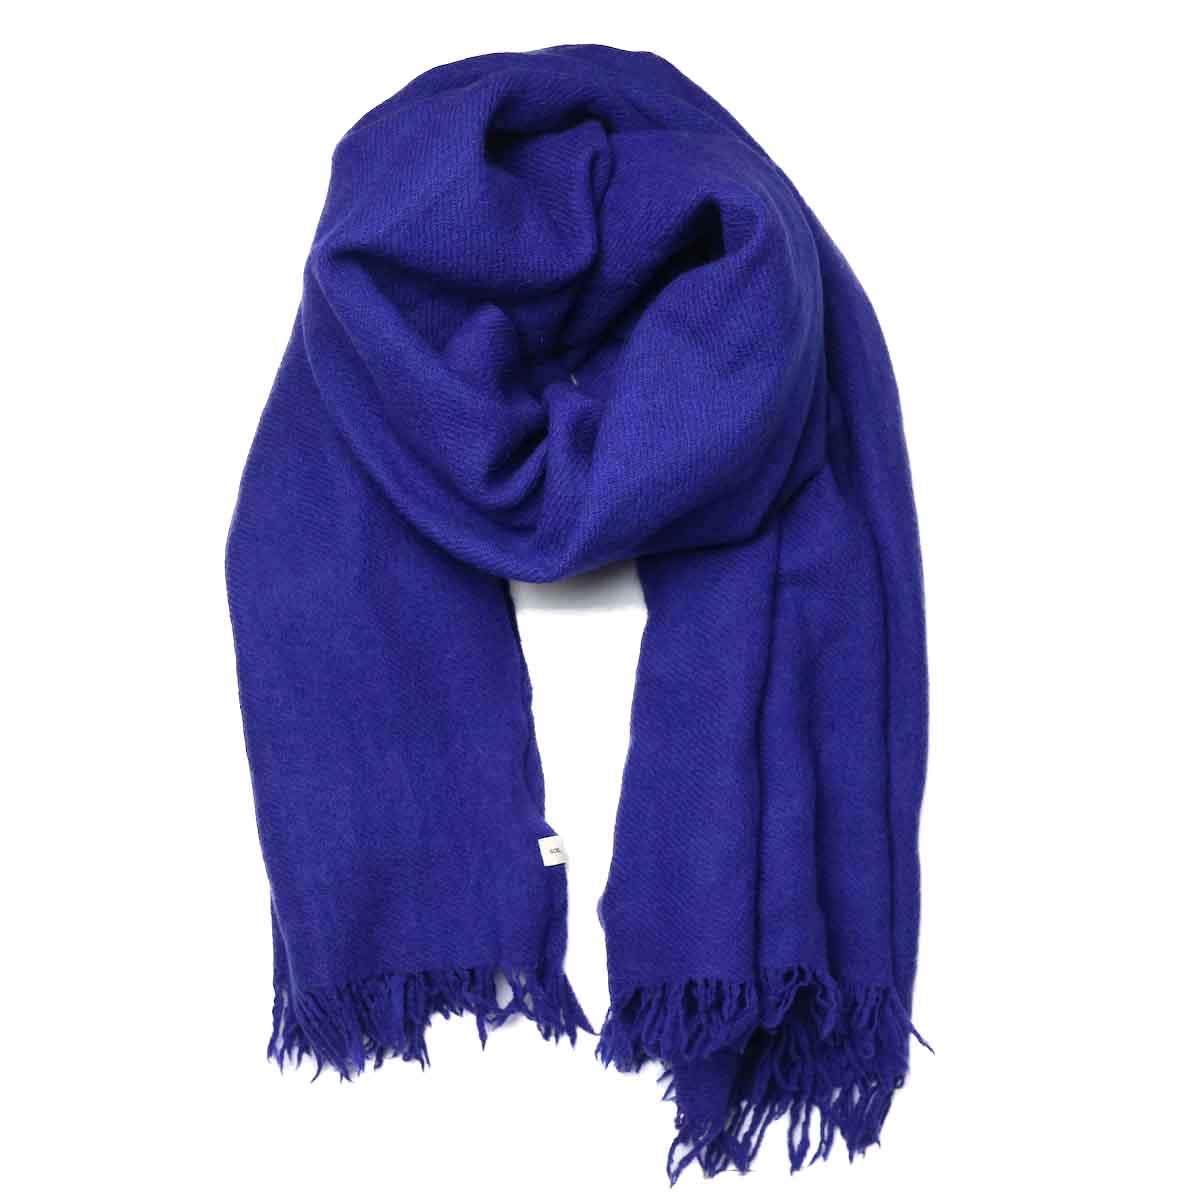 SOIL / MELANGE BOILED WOOL PLAIN STOLE (Purple)